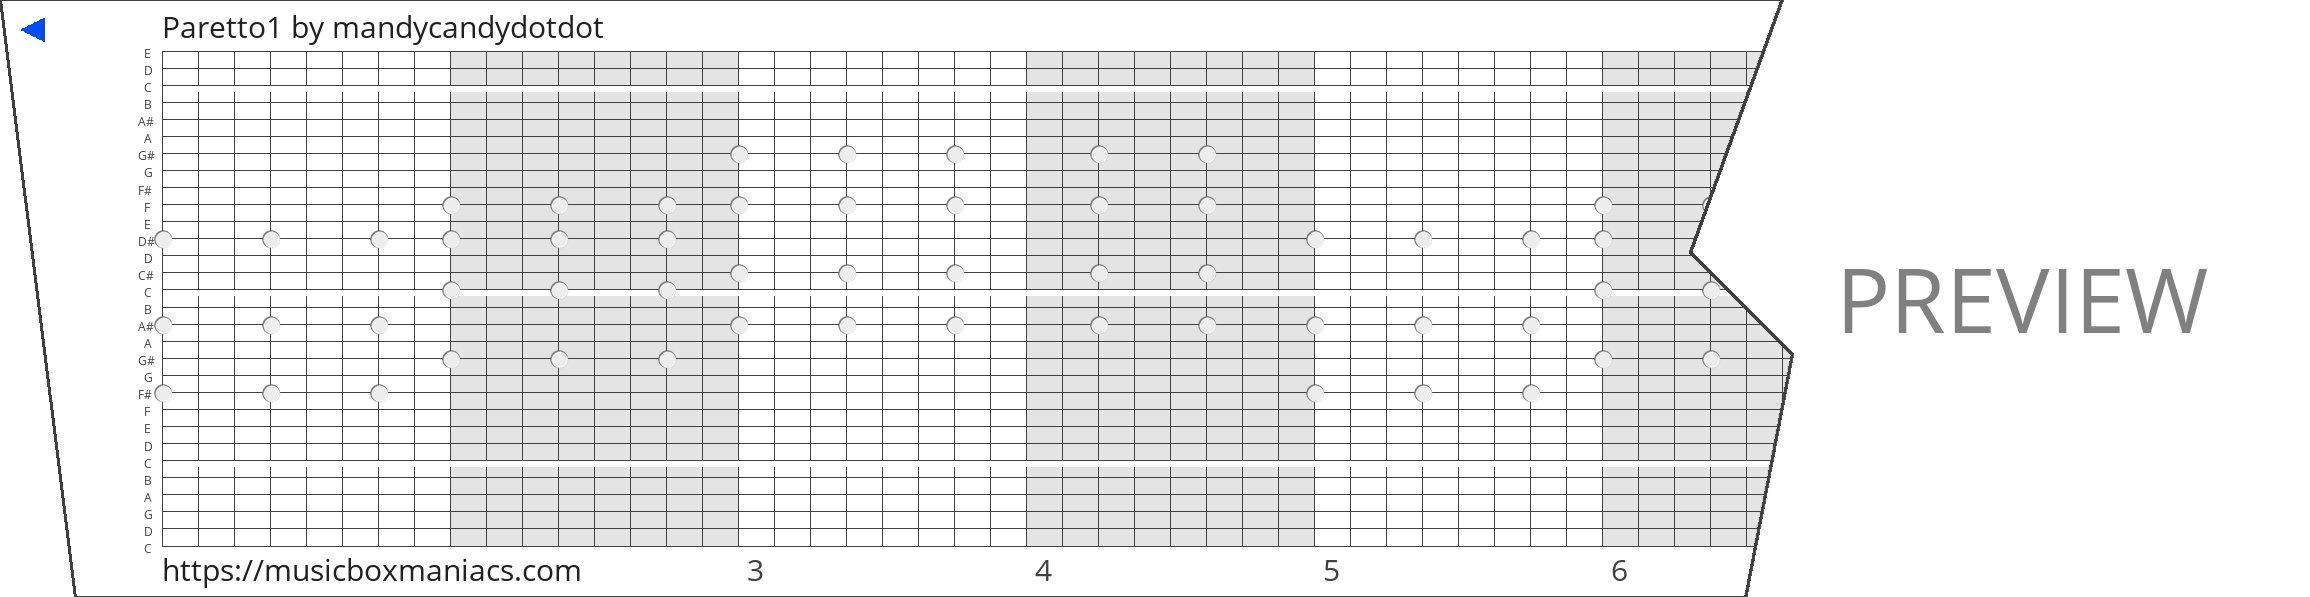 Paretto1 30 note music box paper strip